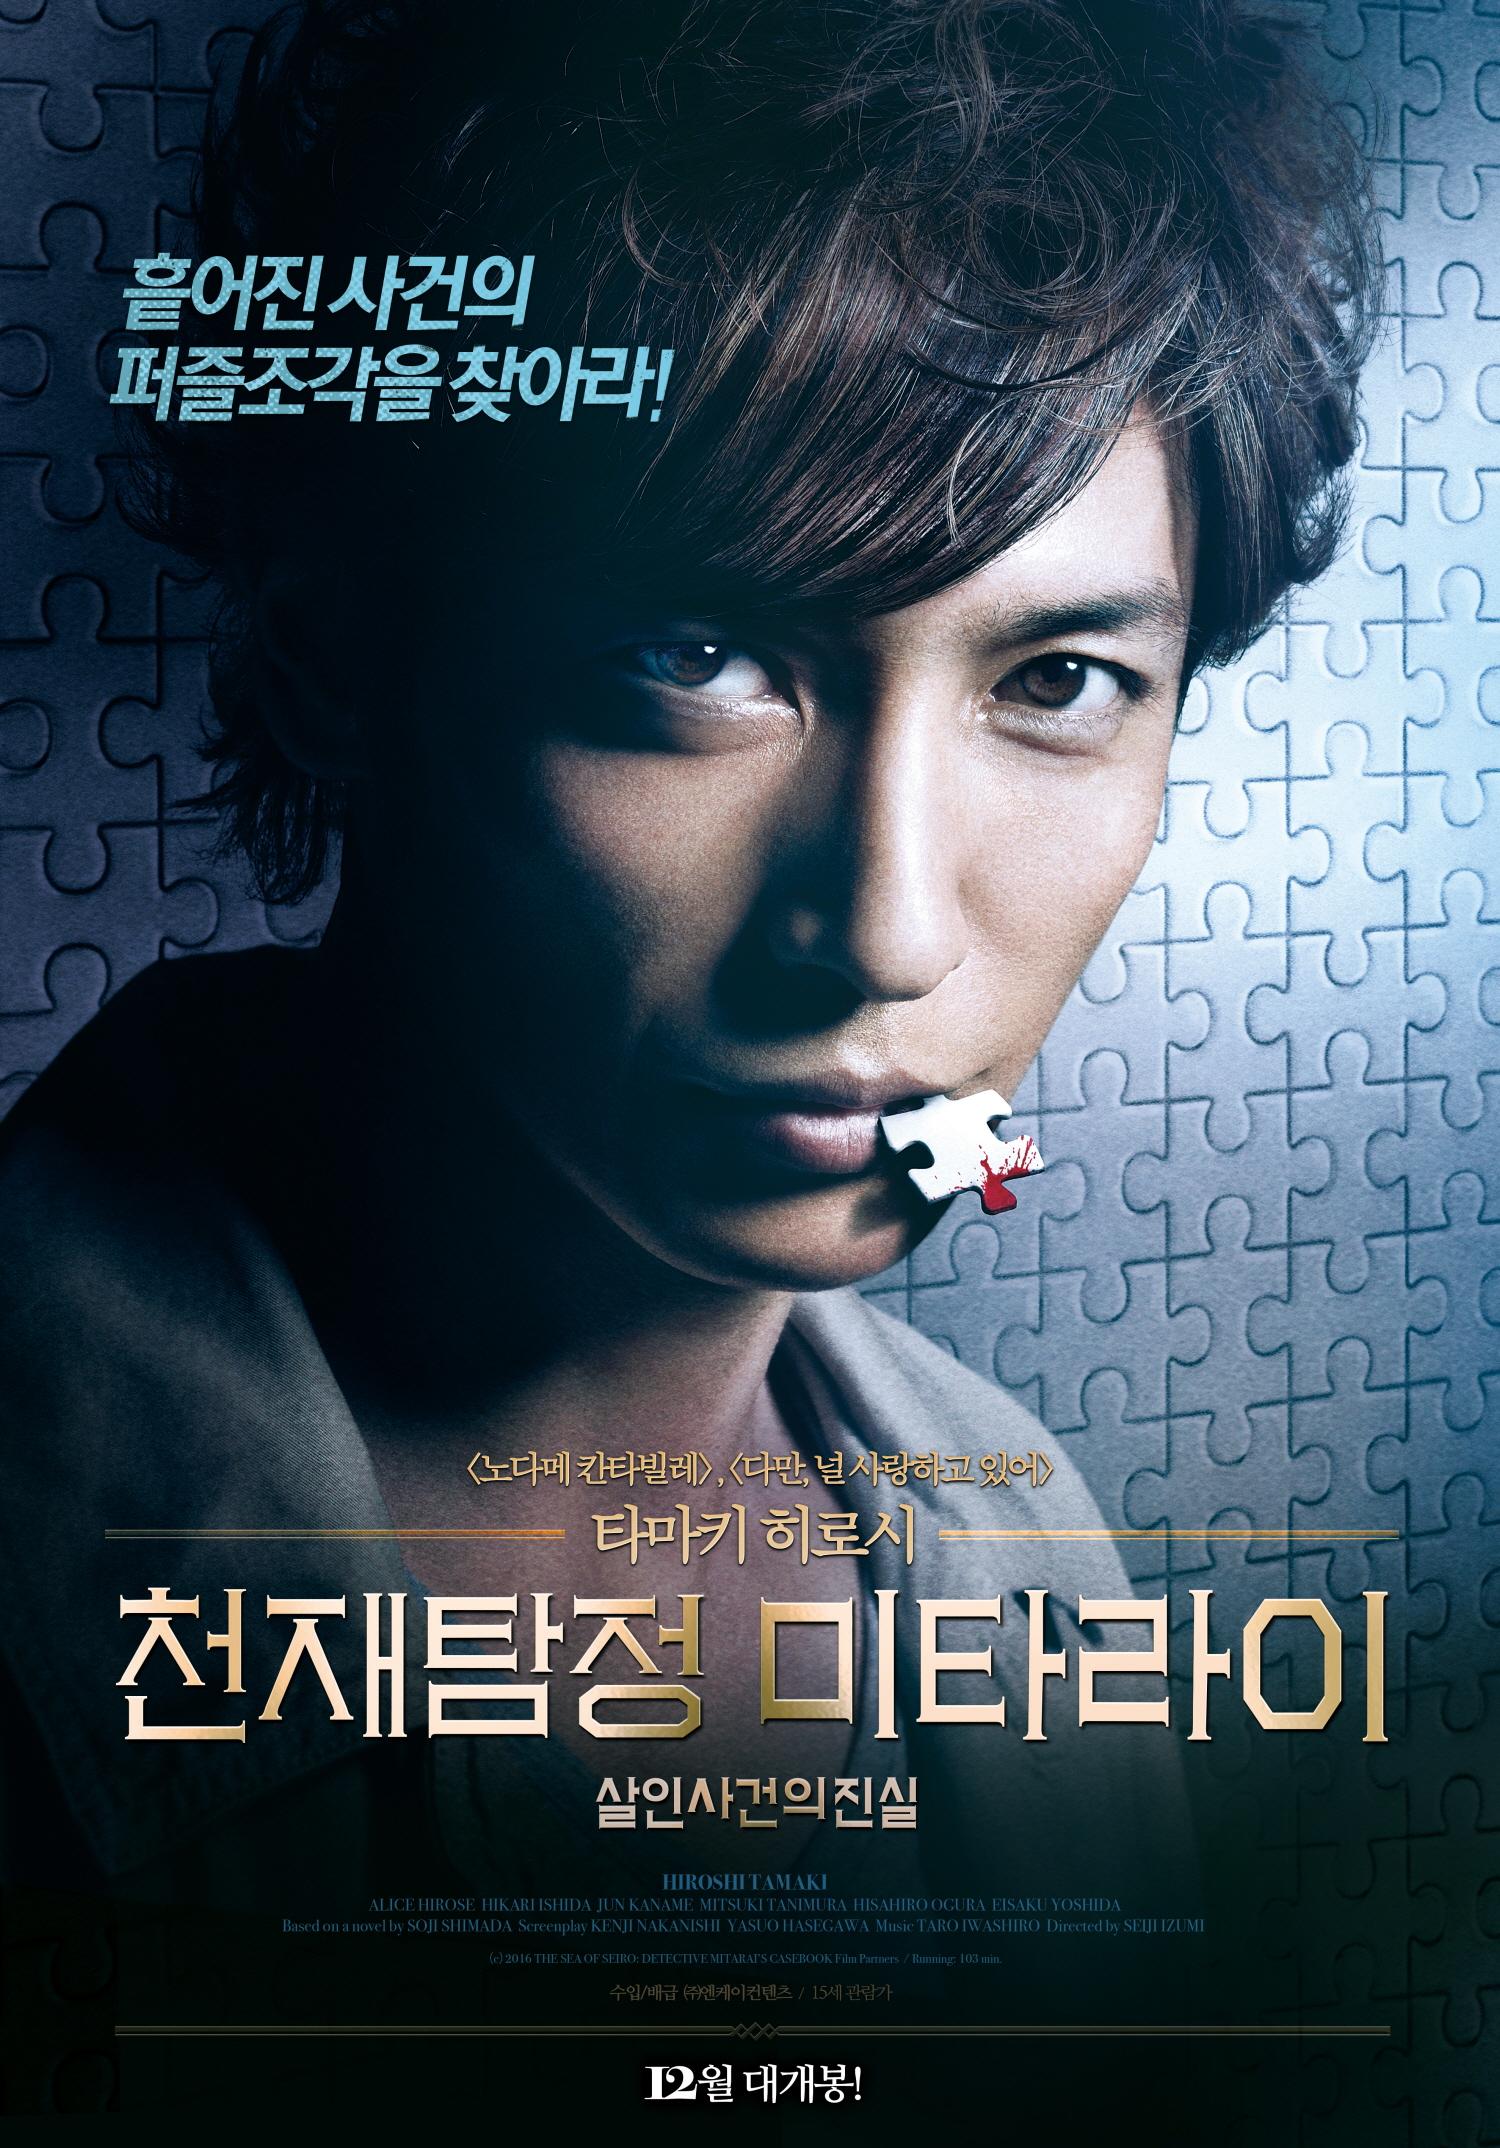 천재탐정 미타라이 : 살인사건의 진실 (2016)